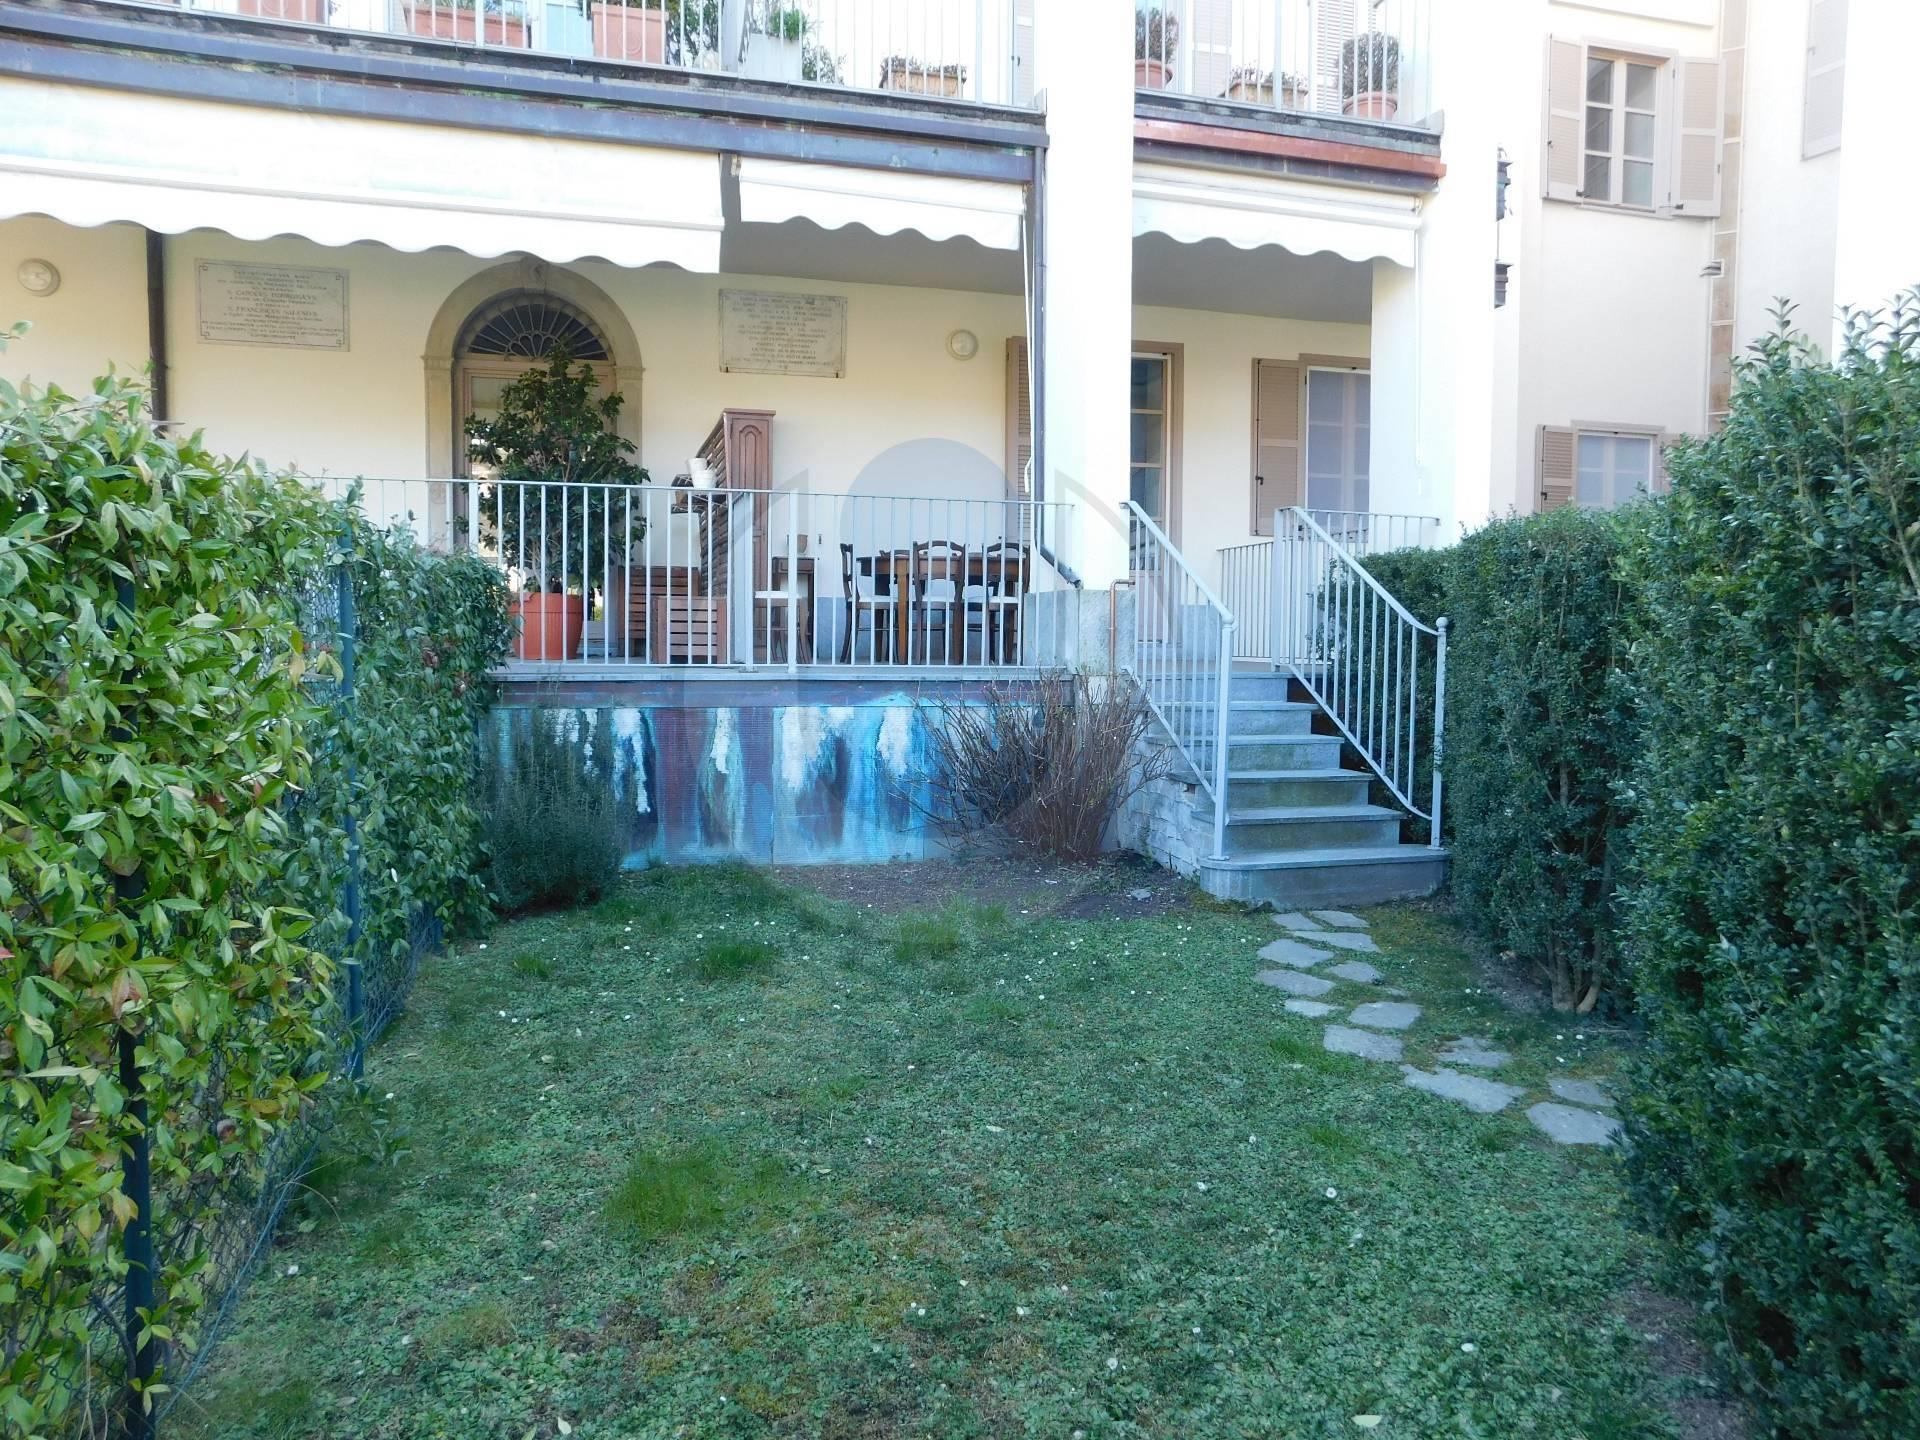 Appartamento in vendita a Giaveno, 6 locali, zona Località: CentroStorico, prezzo € 215.000 | PortaleAgenzieImmobiliari.it